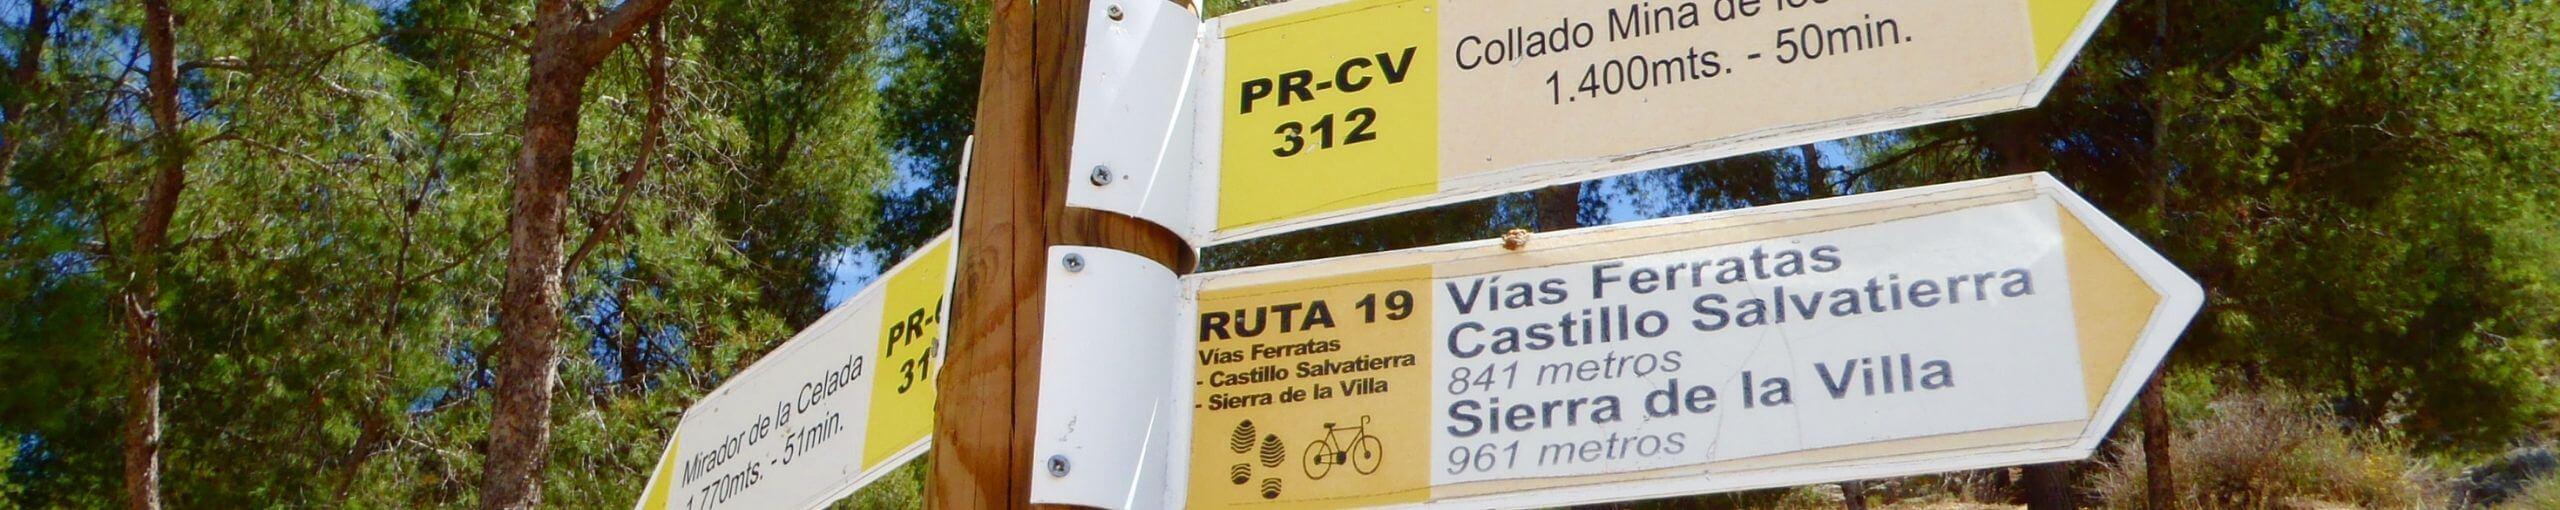 Ferrata Sierra de la Villa. Villena, Alicante. Comunidad Valenciana.